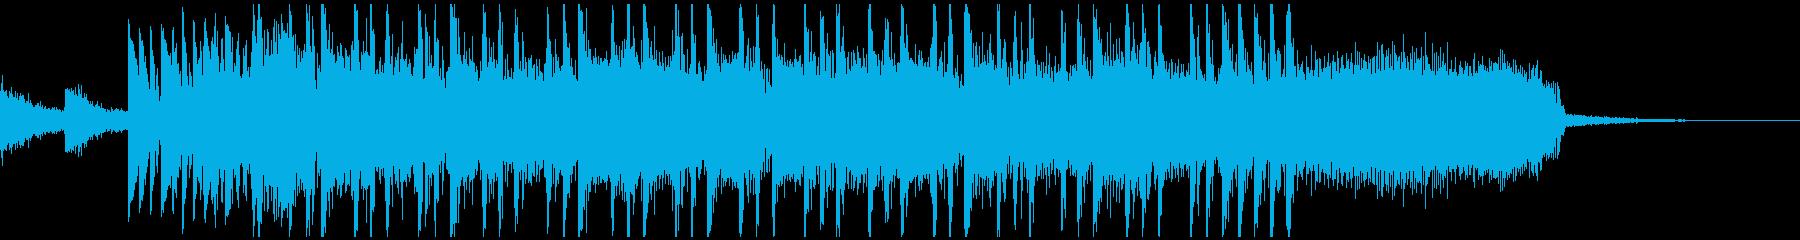 場の雰囲気を変えるメタルジングルの再生済みの波形